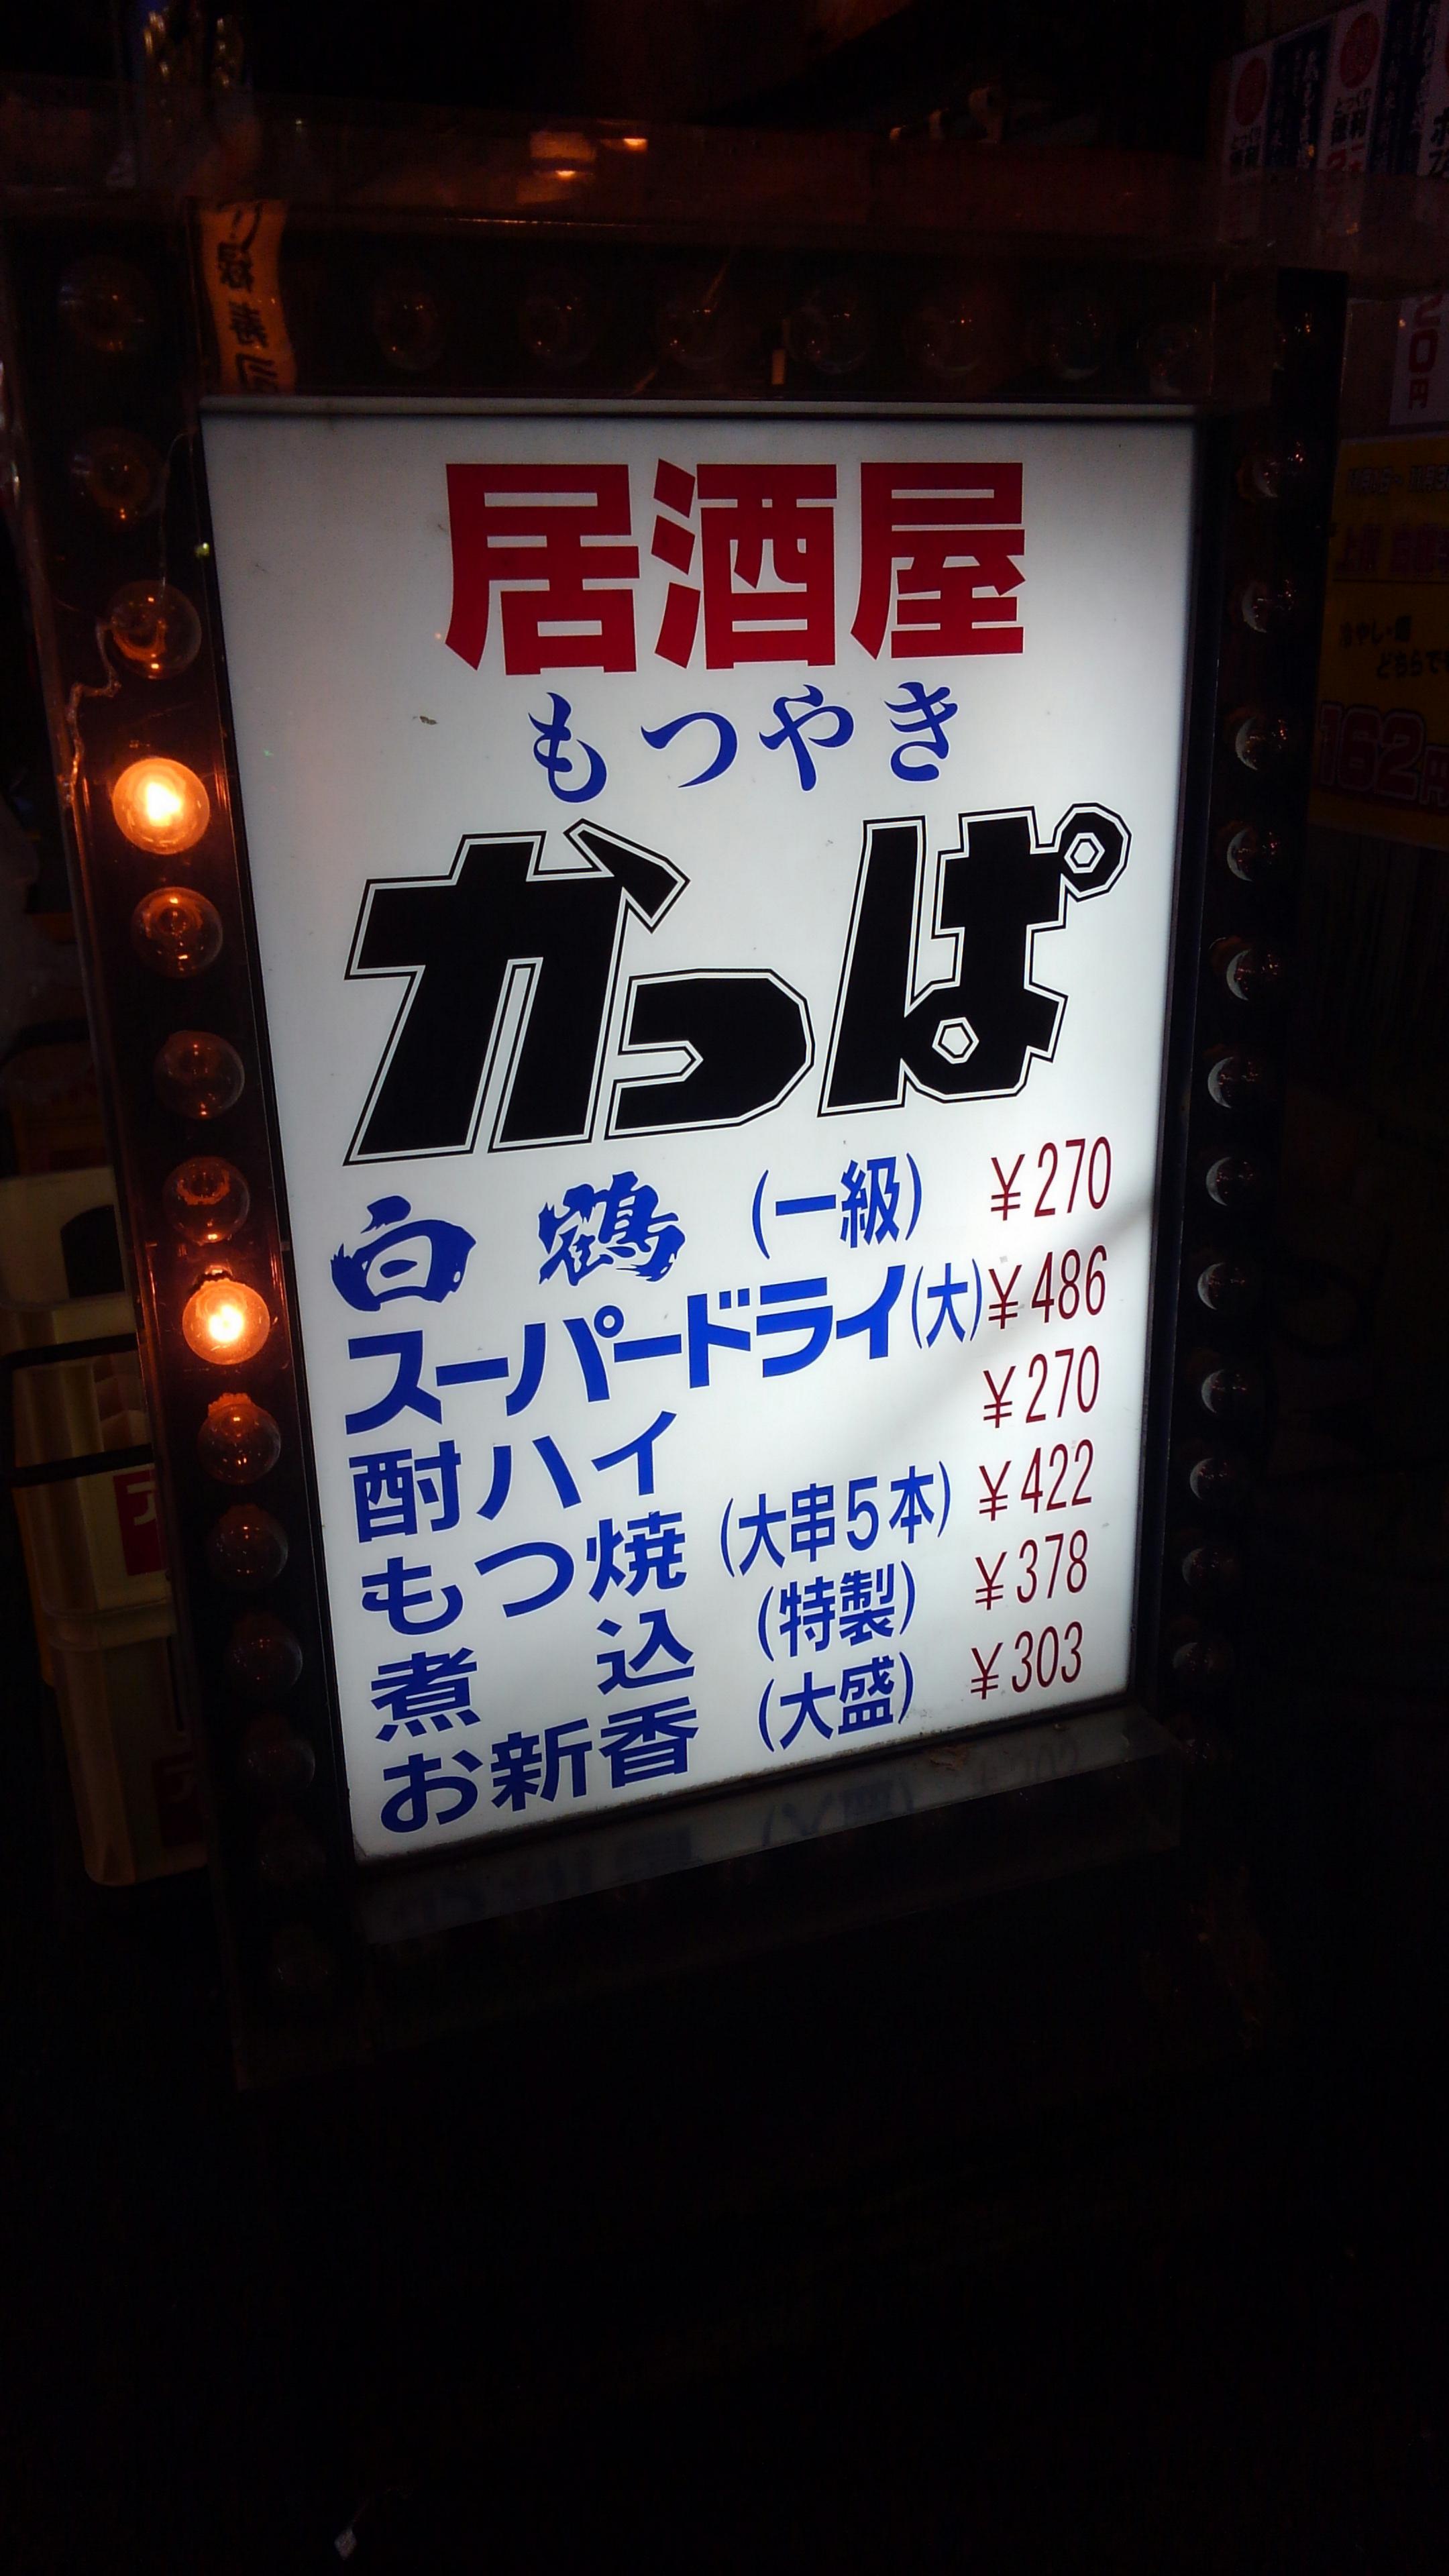 居酒屋かっぱ(御徒町) 魚を食べるならここ!客と店員の距離が半端ないです(笑)